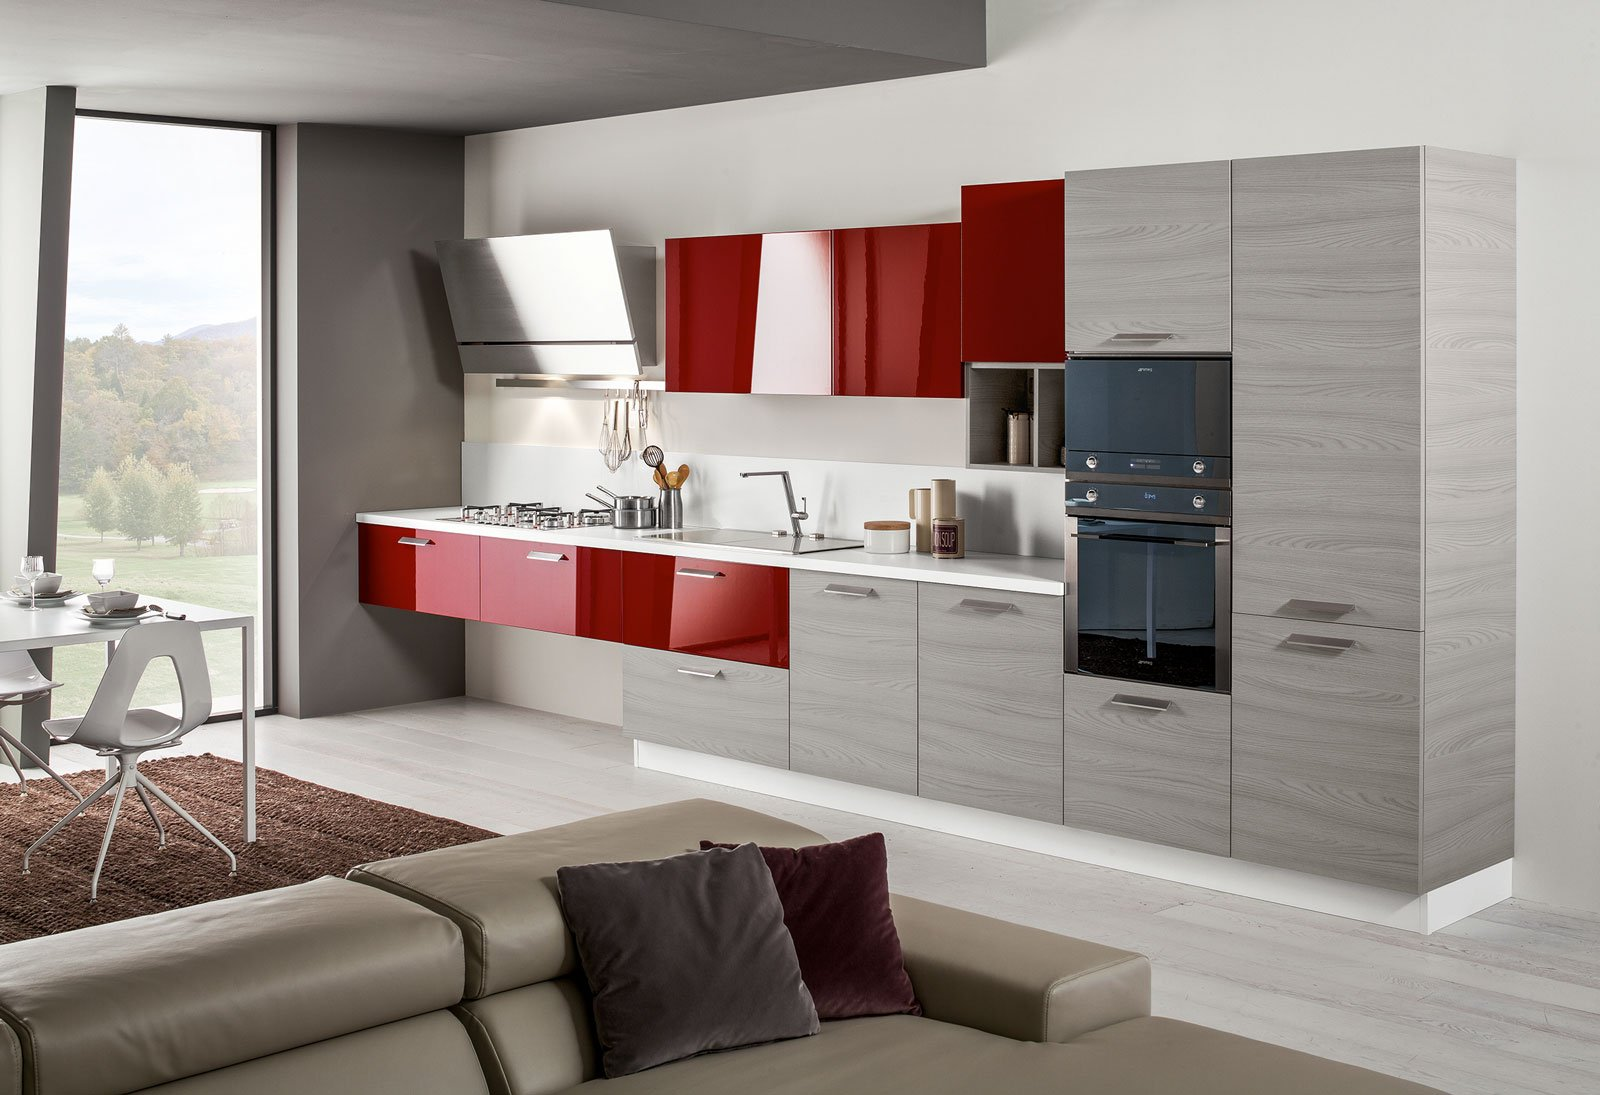 Cucine Piccole: Composizioni Compatte Anche Per Il Soggiorno Cose Di  #6B2B24 1600 1095 Foto Di Cucine In Stile Provenzale